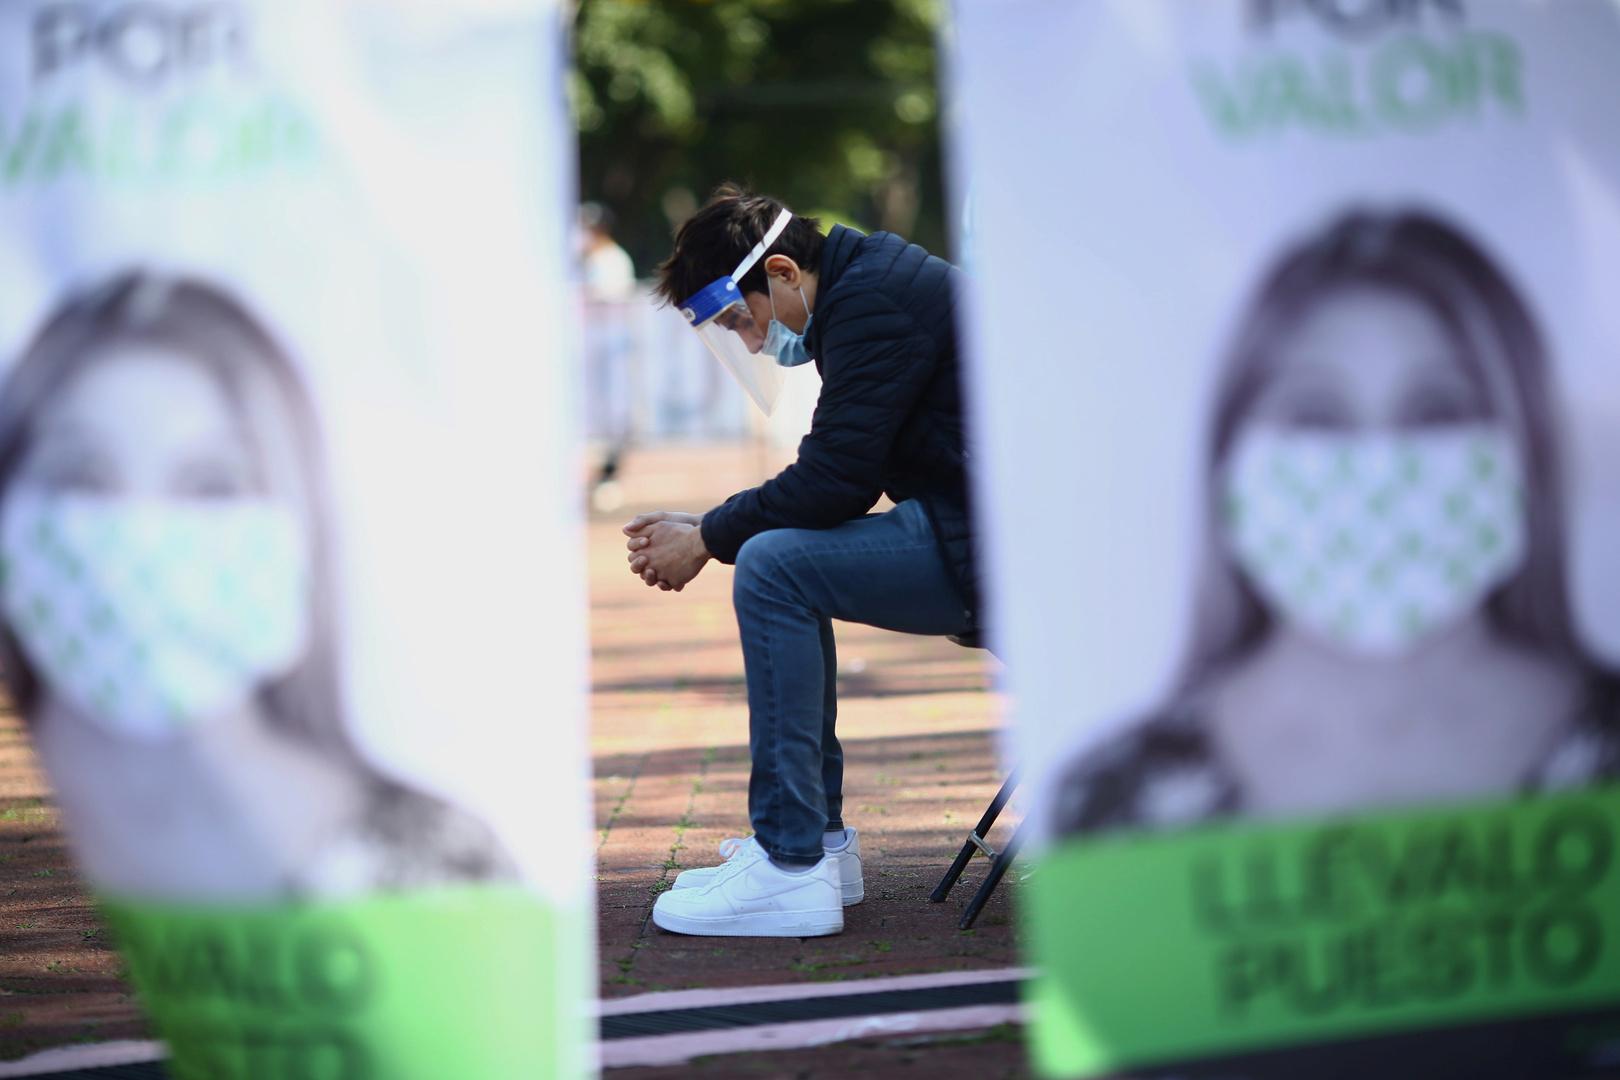 المكسيك تسجل أكثر من 500 وفاة جديدة بكورونا